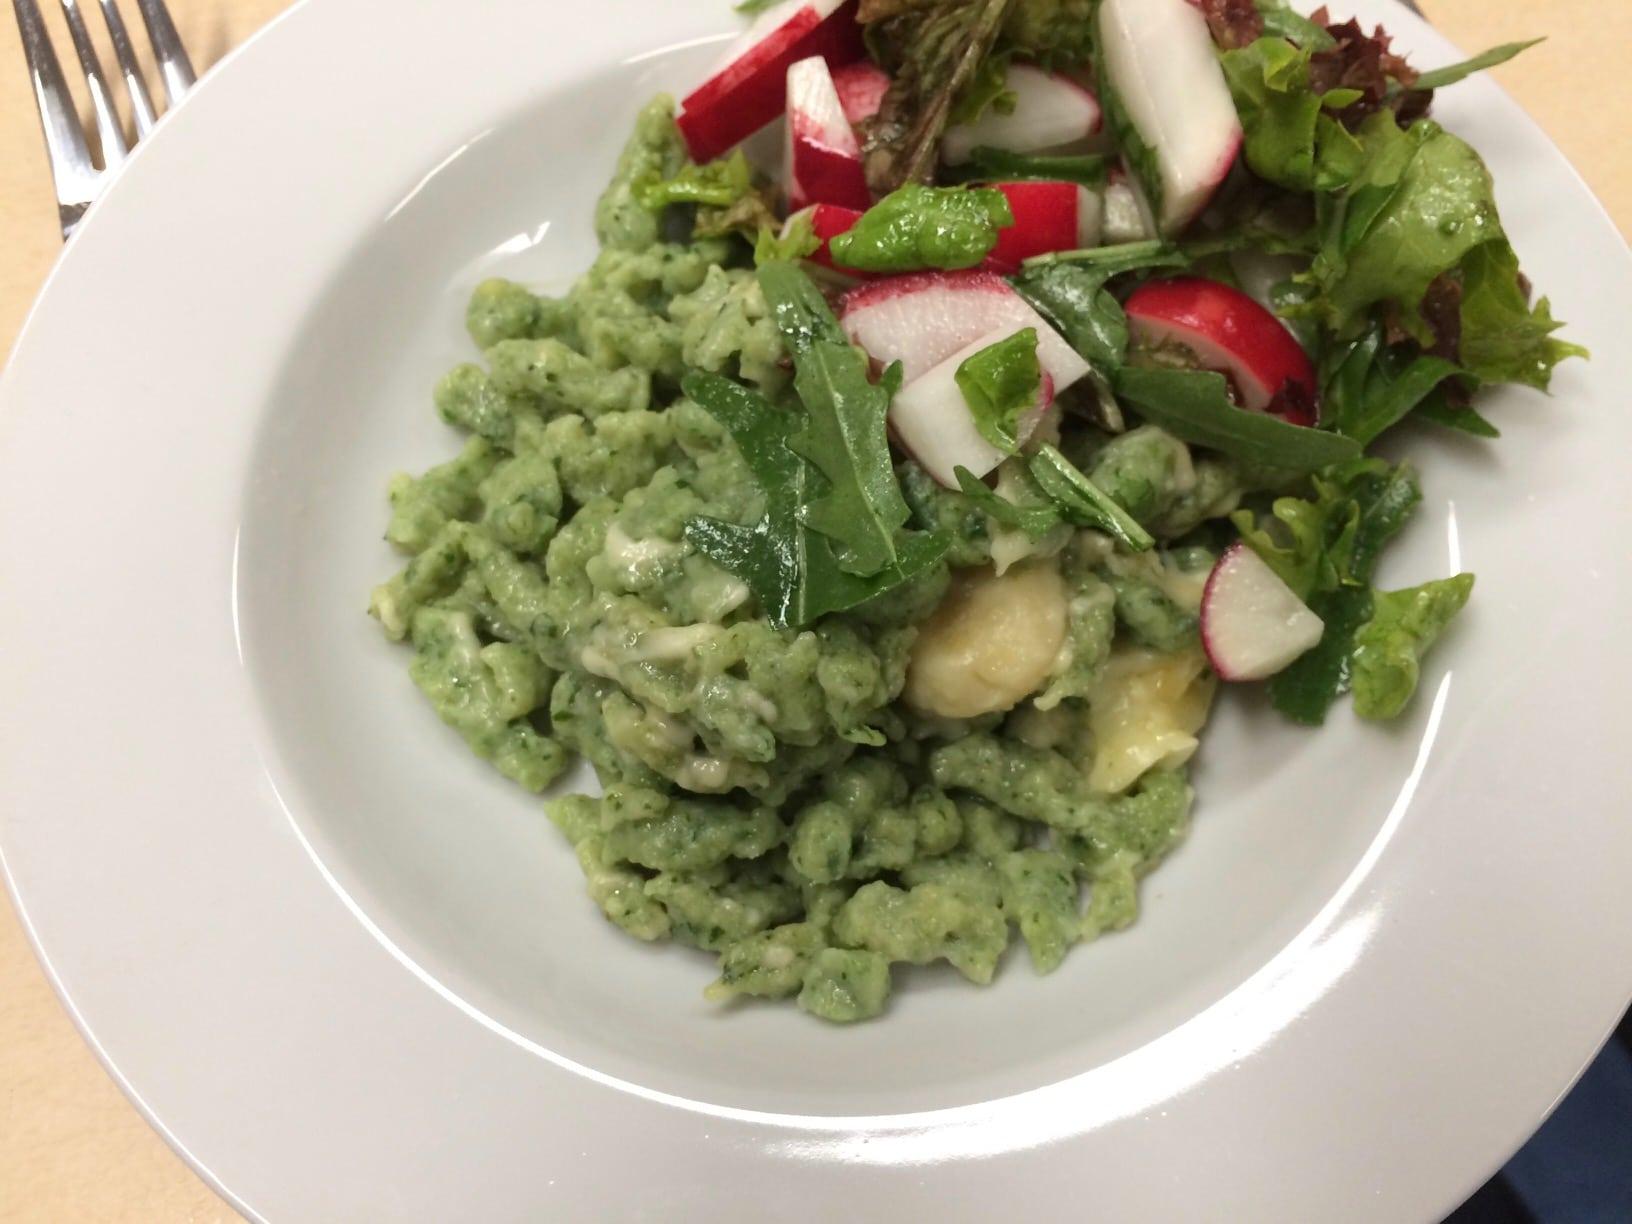 Tja, viel blieb nicht übrig von den Spinatspätzle. Auch der Salat stammte komplett aus unserem Schulgarten!